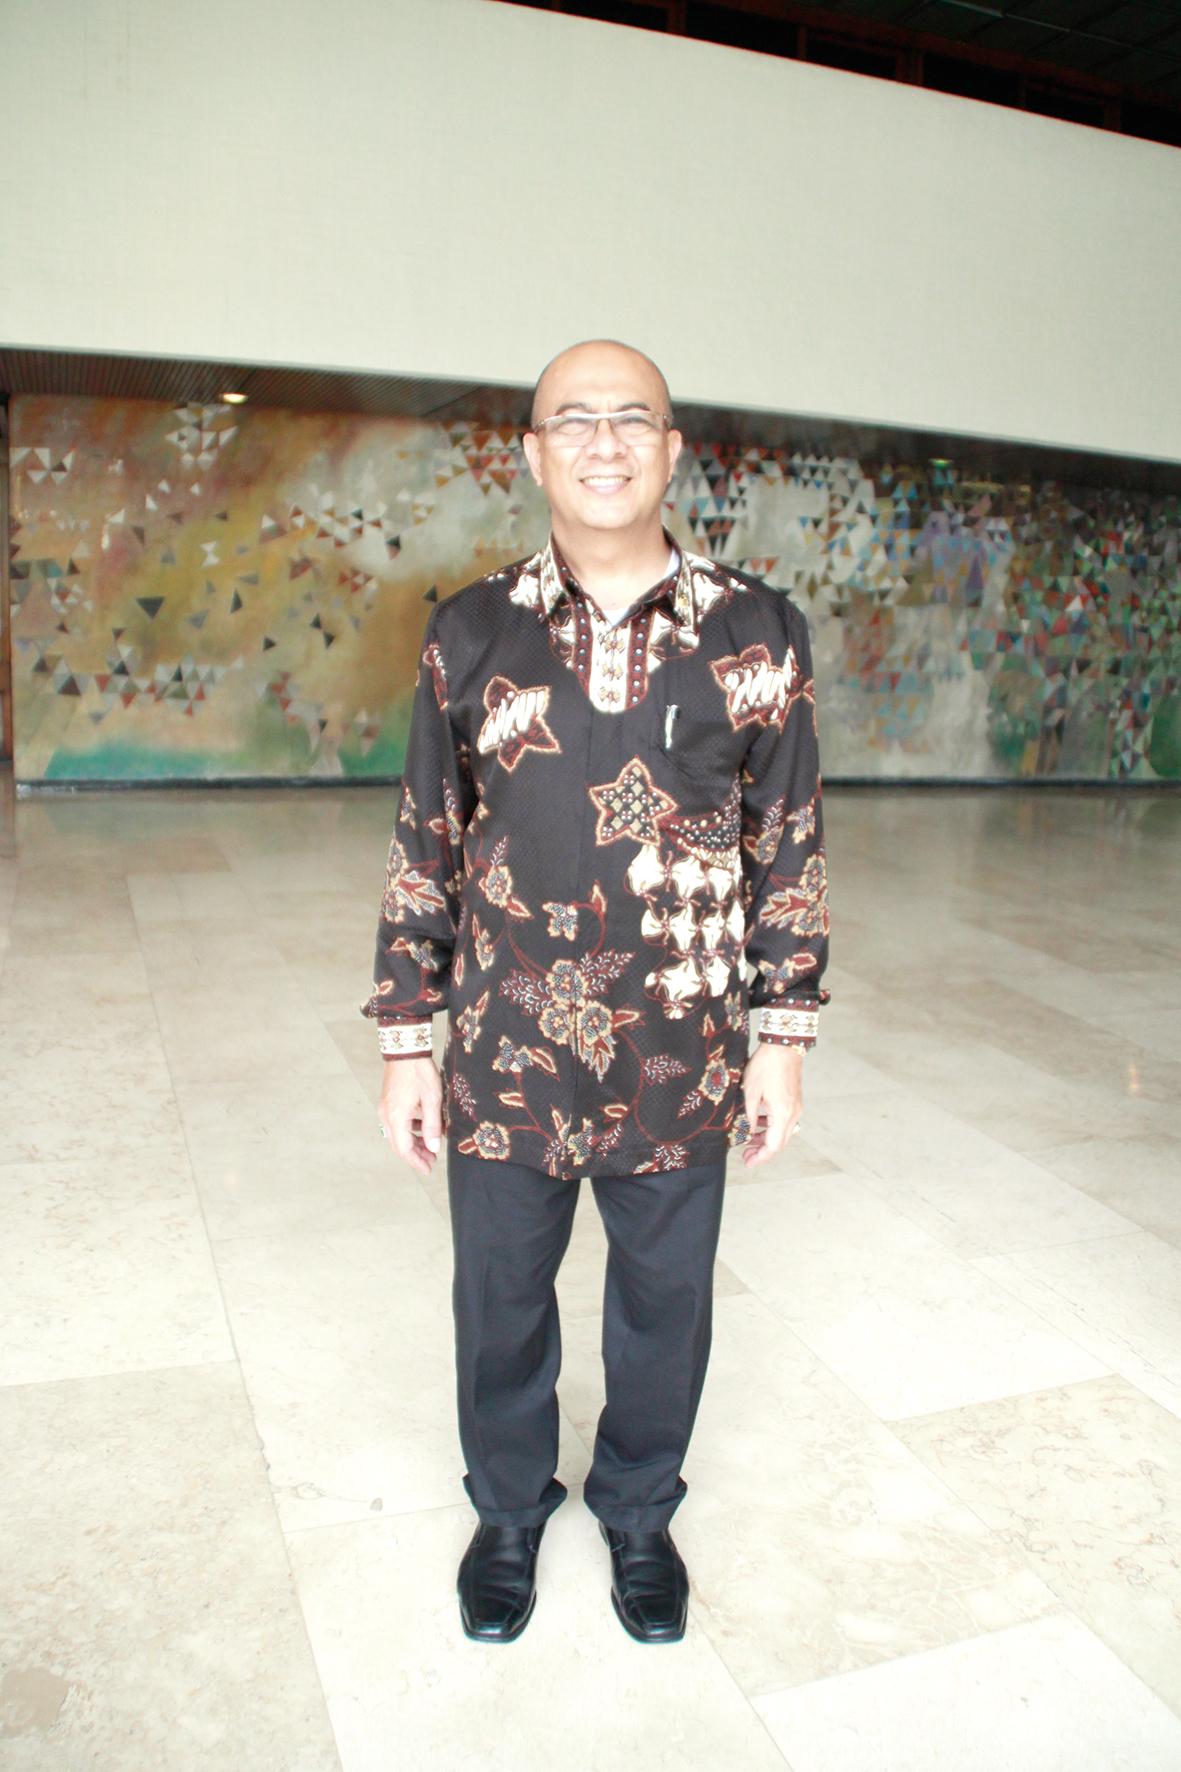 batik_snap_22_MG_7214